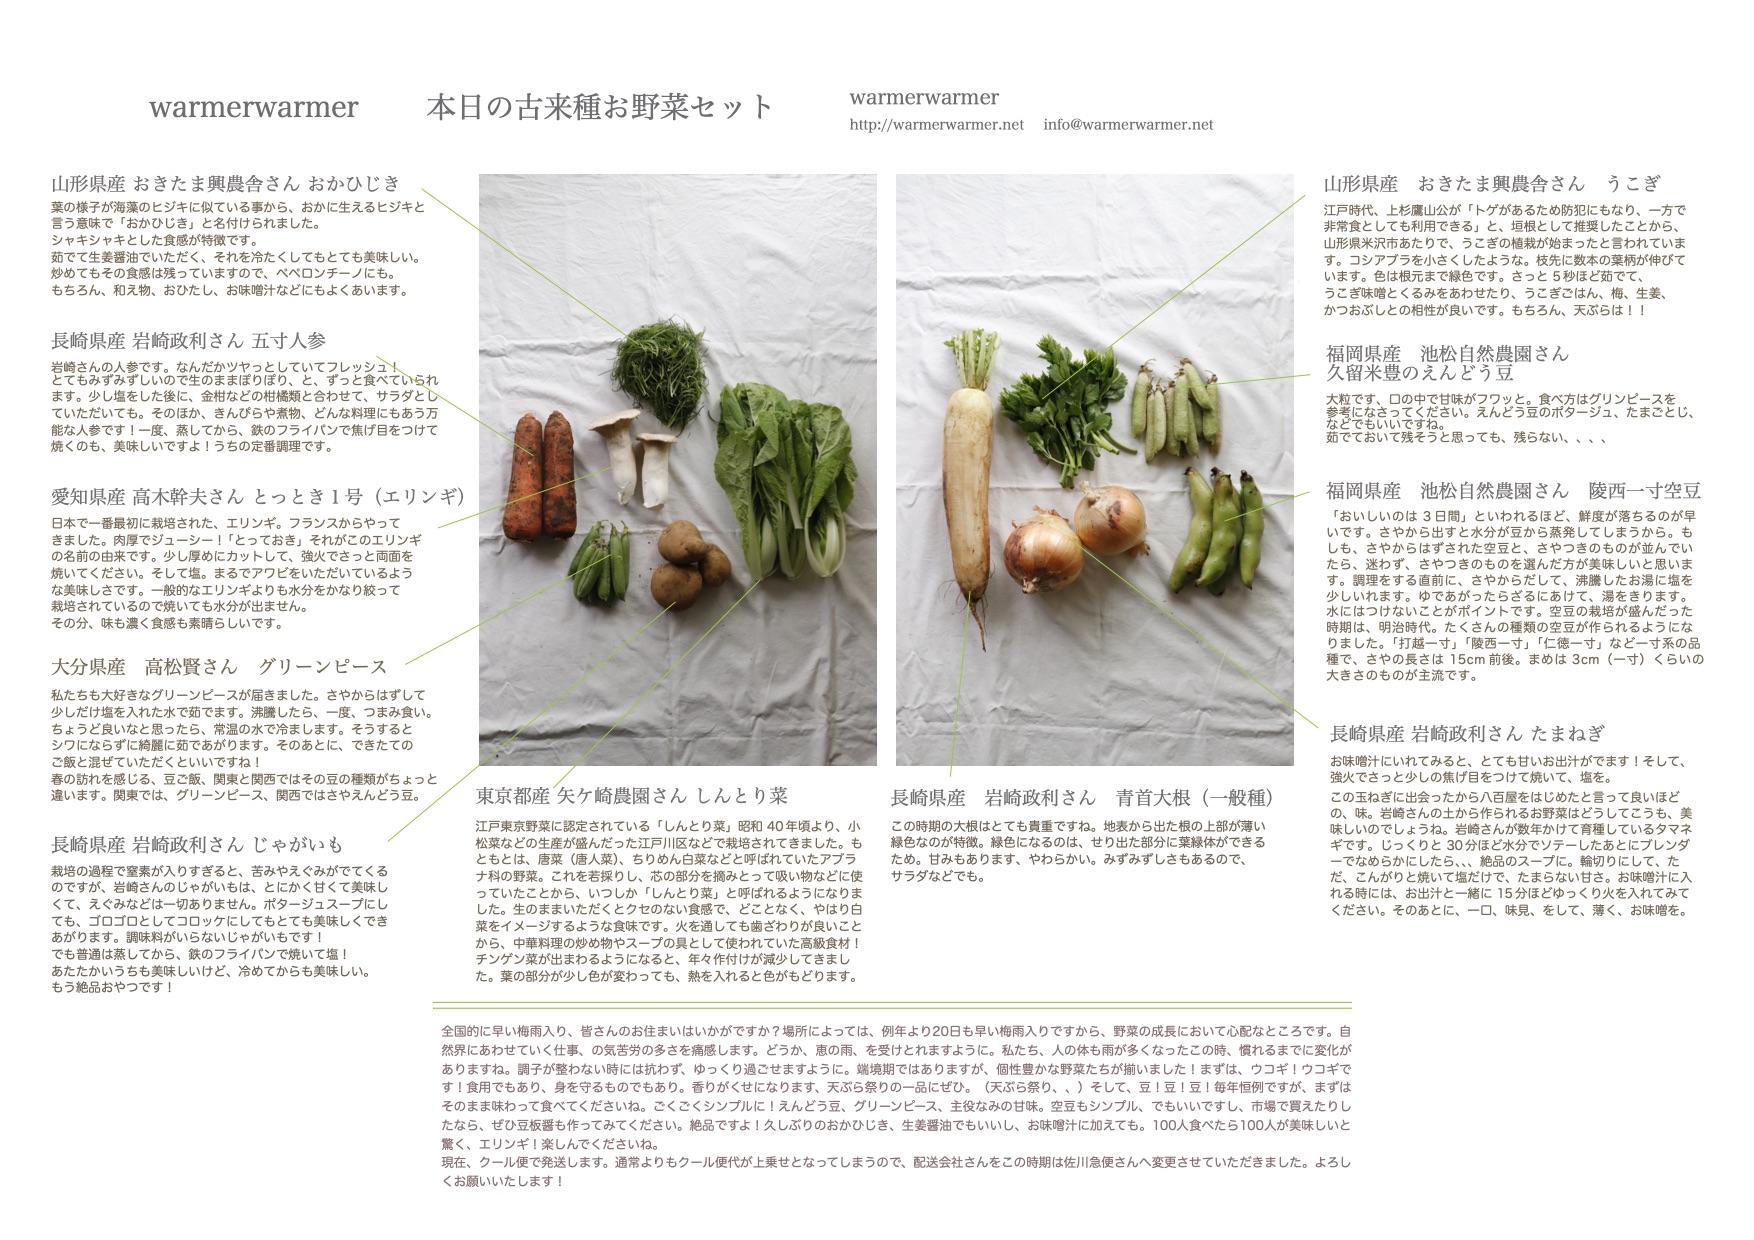 5月21日 お野菜セットの内容です。